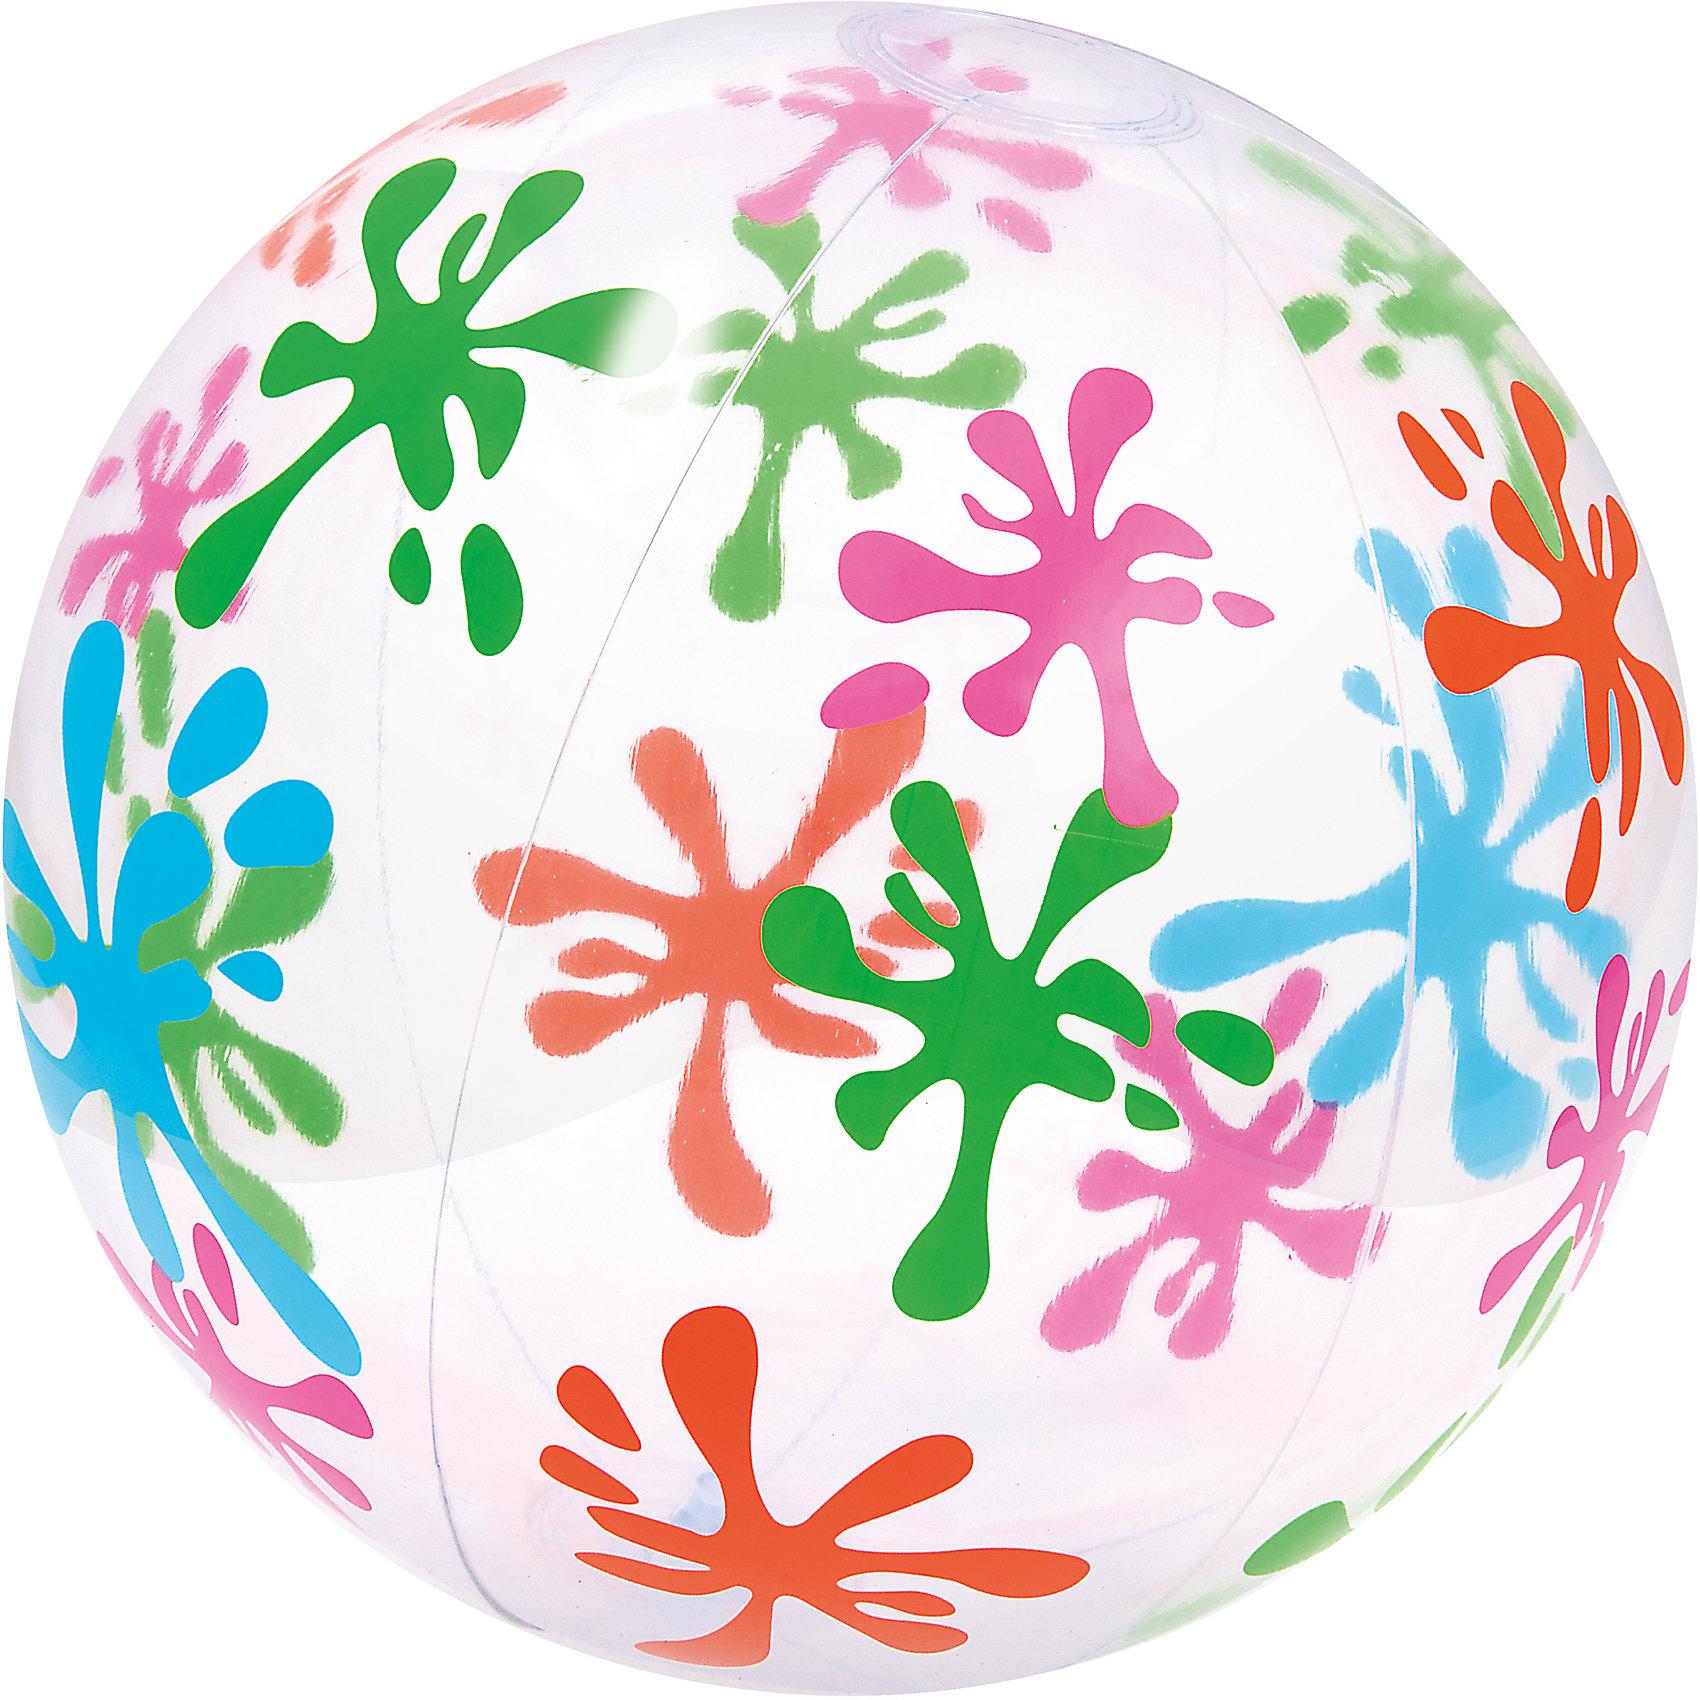 Мяч пляжный, 61 см,  BestwayПляжные мячи<br>Характеристики товара:<br><br>• материал: винил<br>• диаметр: 61 см<br>• надувной<br>• можно играть на воде и на суше<br>• прочный материал <br>• яркие цвета<br>• хорошо заметен на воде<br>• страна бренда: США, Китай<br>• страна производства: Китай<br>• Внимание! Товар в ассортименте, нет возможности выбрать товар конкретной расцветки. При заказе нескольких штук возможно получение одинаковых.<br><br>Такой мяч позволяет не только участвовать в активных играх, он поможет ребенку больше двигаться и поддерживать хорошую физическую форму.<br><br>Предмет сделаны из прочного материала, он легко надувается. Мяч легкий, его удобно брать с собой. Дизайнерский мяч красиво смотрится и хорошо заметен на воде. Изделия произведены из качественных и безопасных для детей материалов.<br><br>Мяч пляжный, 61 см, от бренда Bestway (Бествей) можно купить в нашем интернет-магазине.<br><br>Ширина мм: 315<br>Глубина мм: 155<br>Высота мм: 7<br>Вес г: 127<br>Возраст от месяцев: 24<br>Возраст до месяцев: 1188<br>Пол: Унисекс<br>Возраст: Детский<br>SKU: 4051651